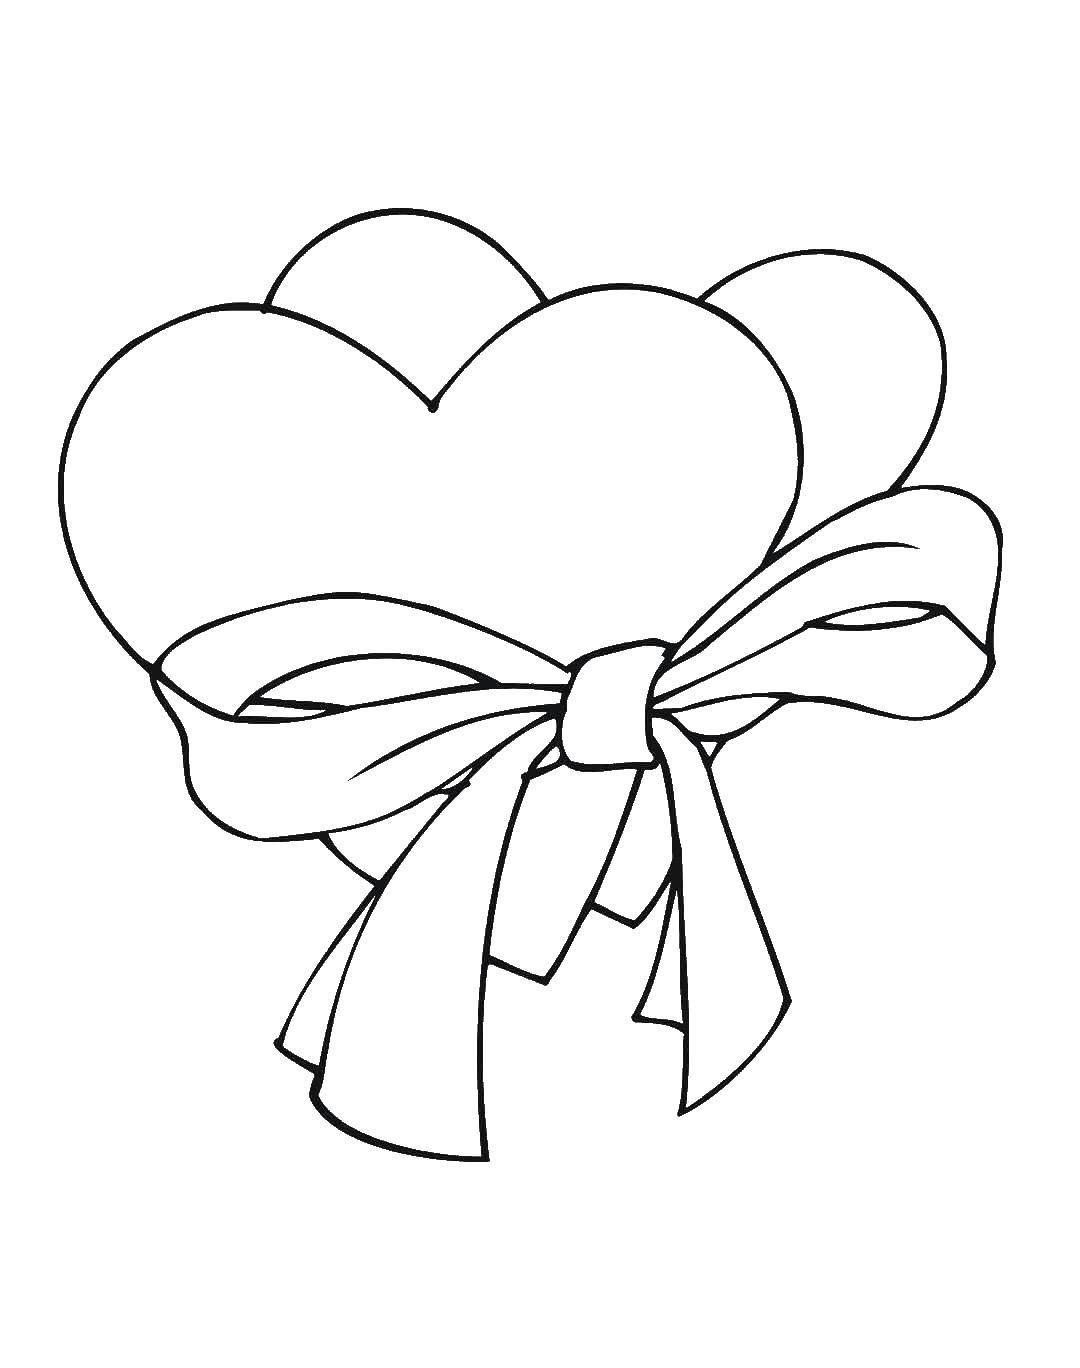 Раскраски сердечек, Раскраска Много сердечек Сердечки.